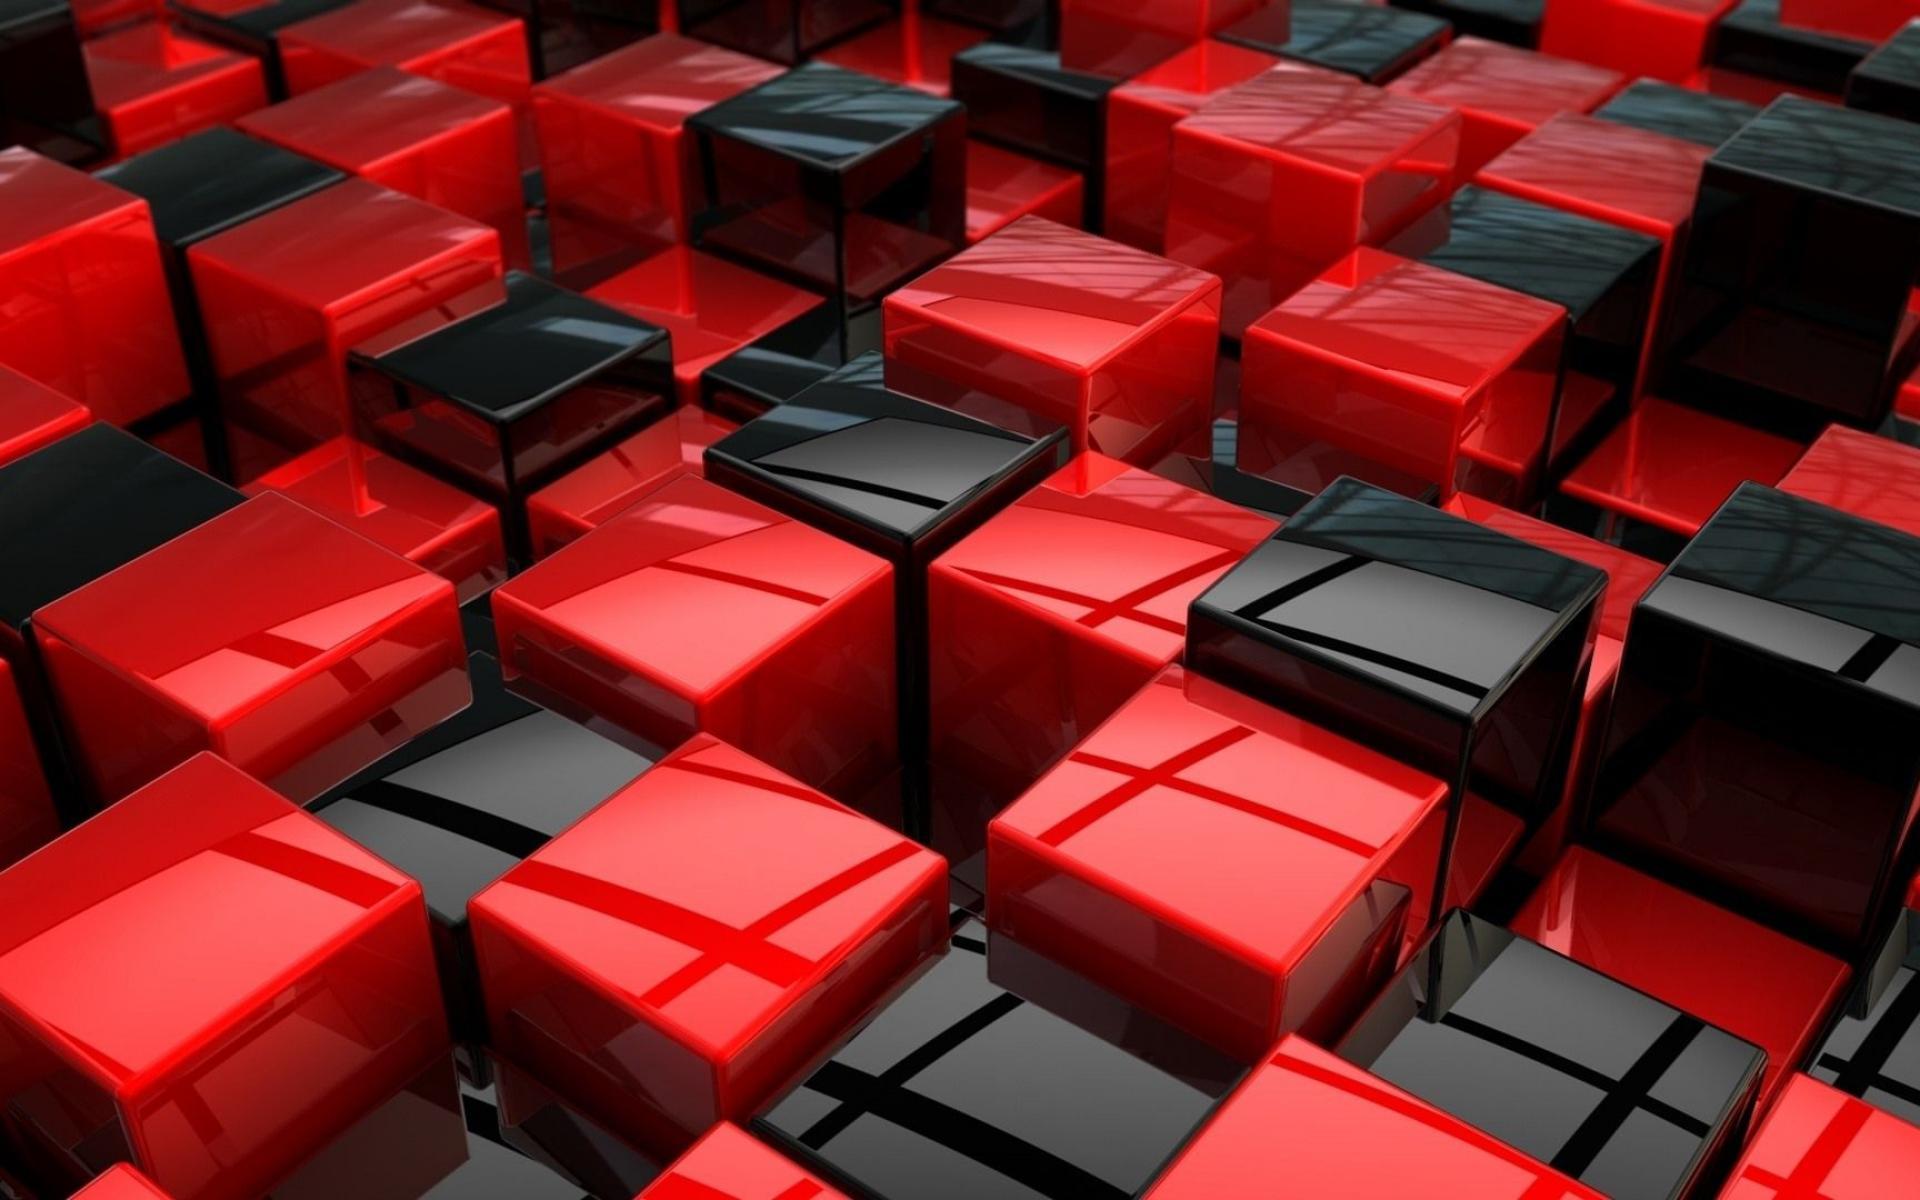 Кубики  № 2315811  скачать